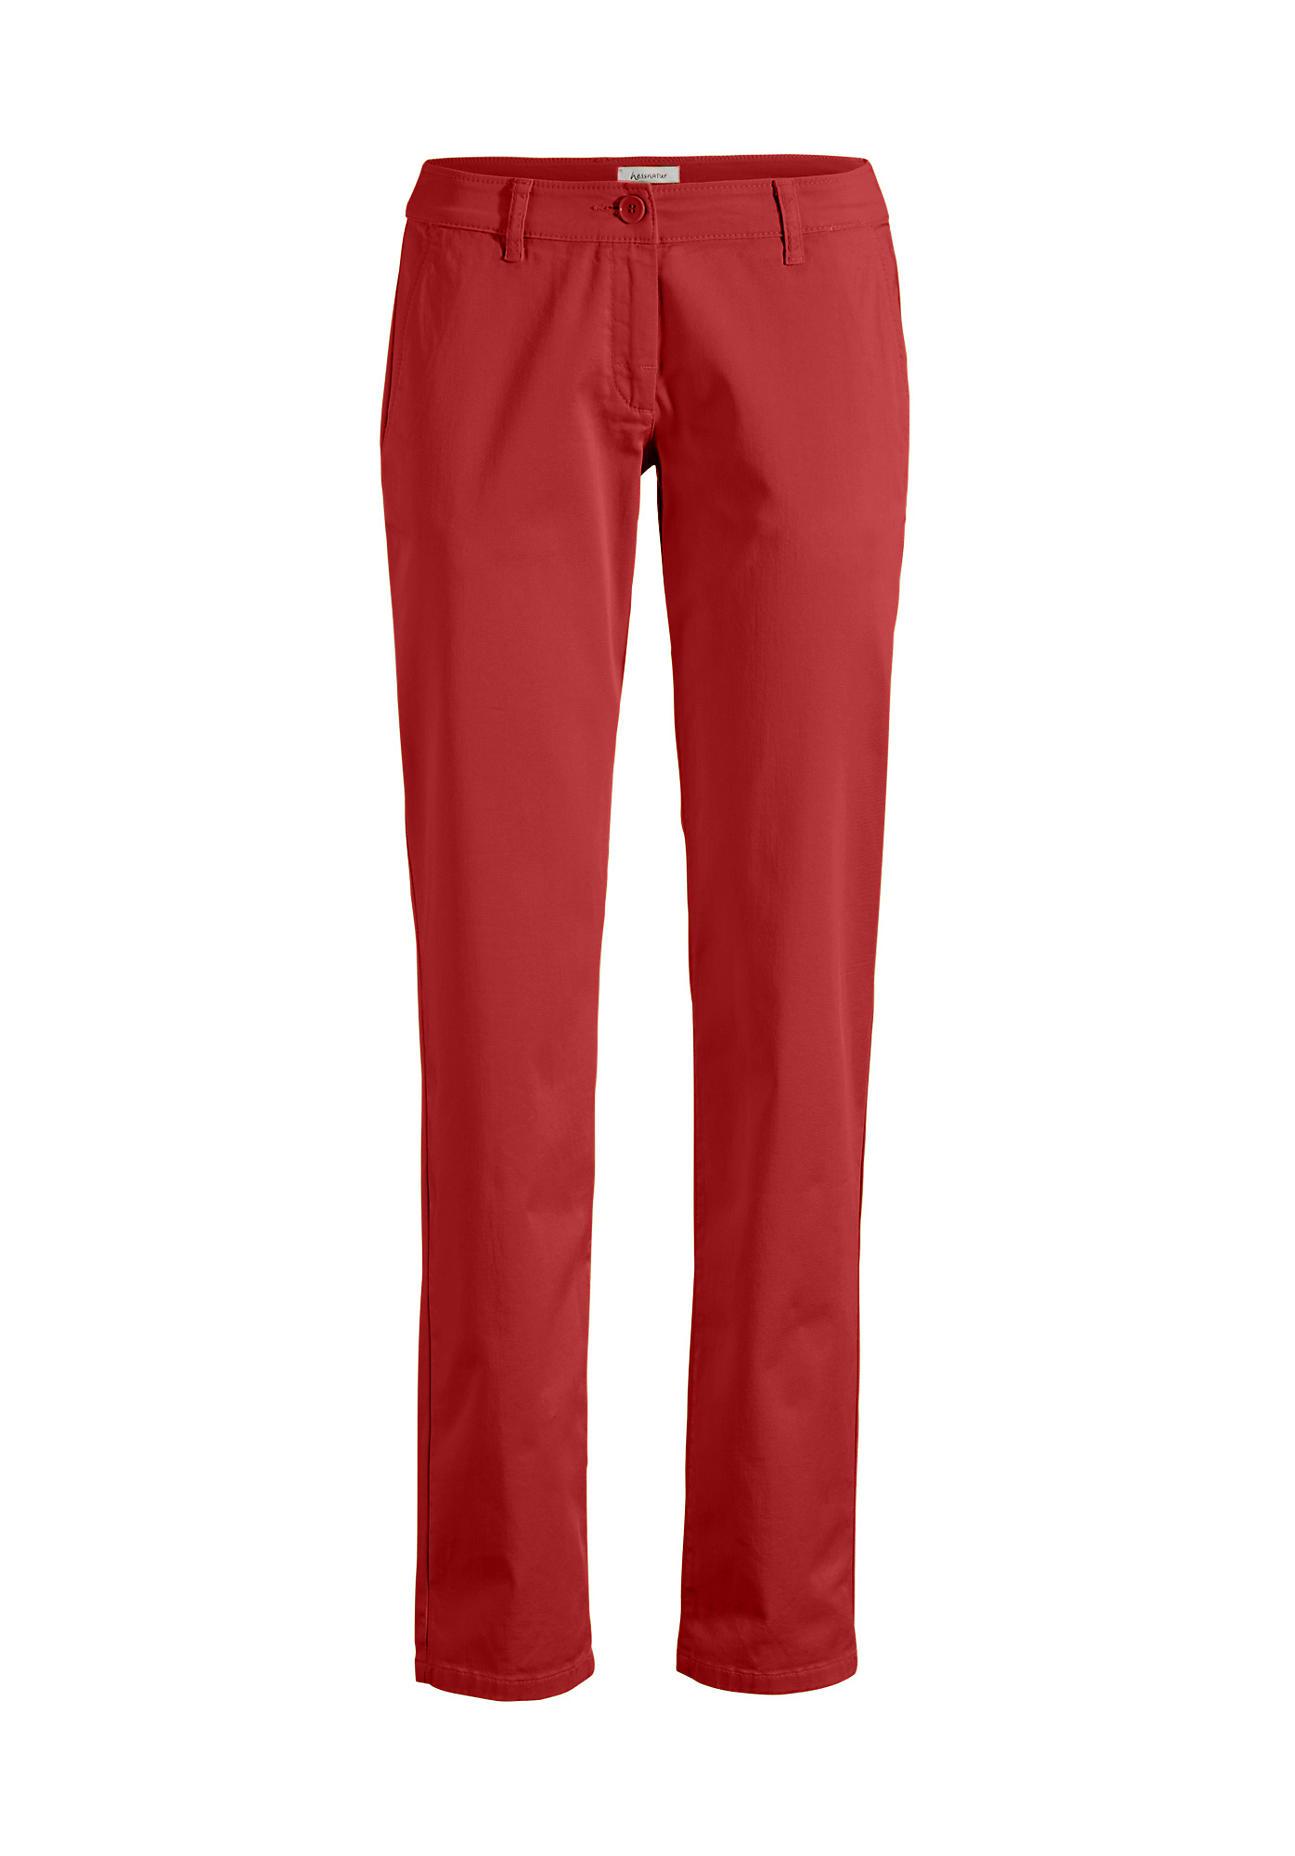 Hosen für Frauen - hessnatur Damen Chino aus Bio Baumwolle – rot –  - Onlineshop Hessnatur